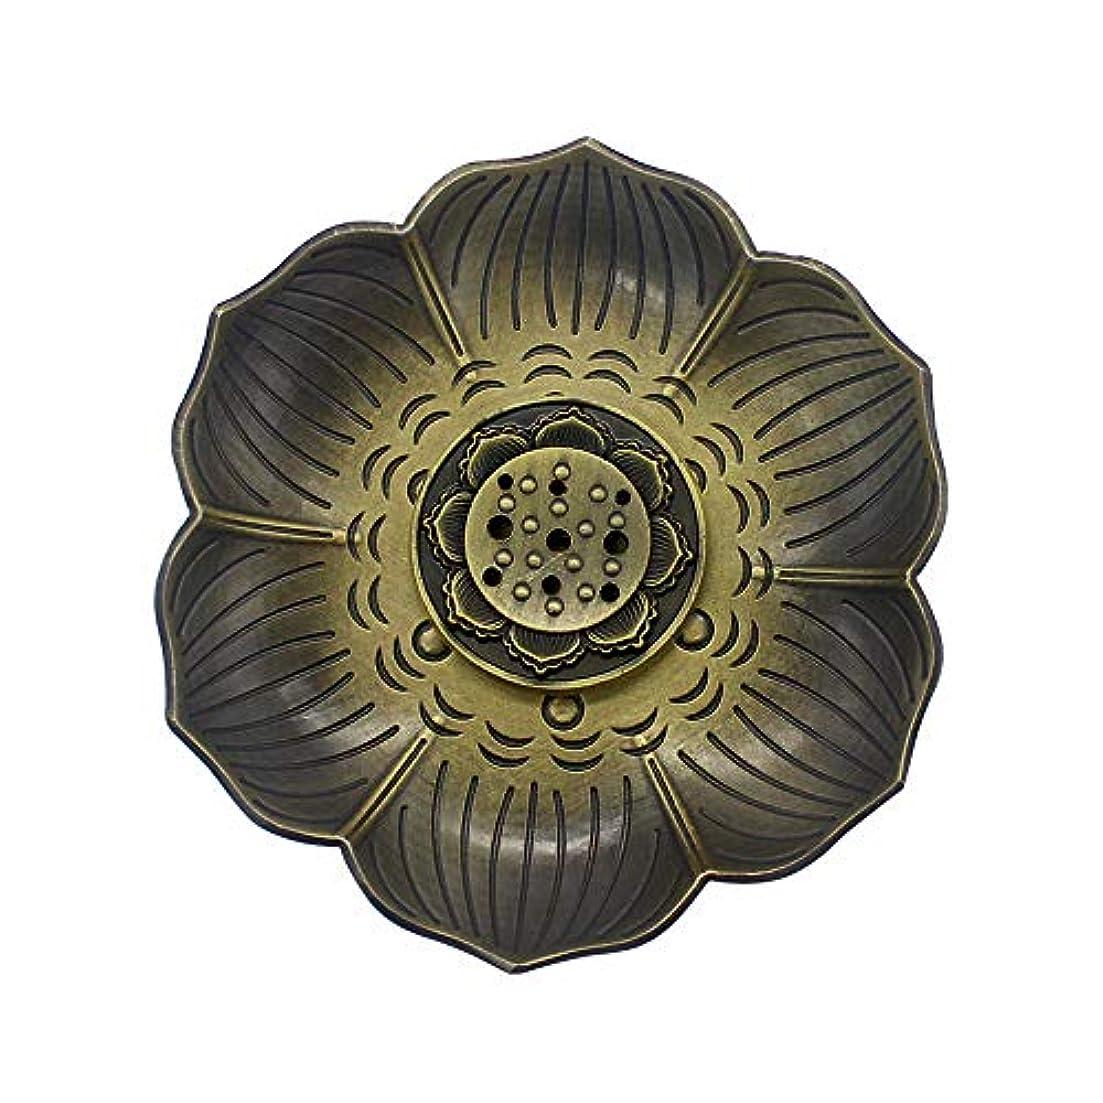 発言する省略出しますMyLifeUNITブロンズLotus Incenseホルダー、多目的香炉お香の円錐、またはコイル